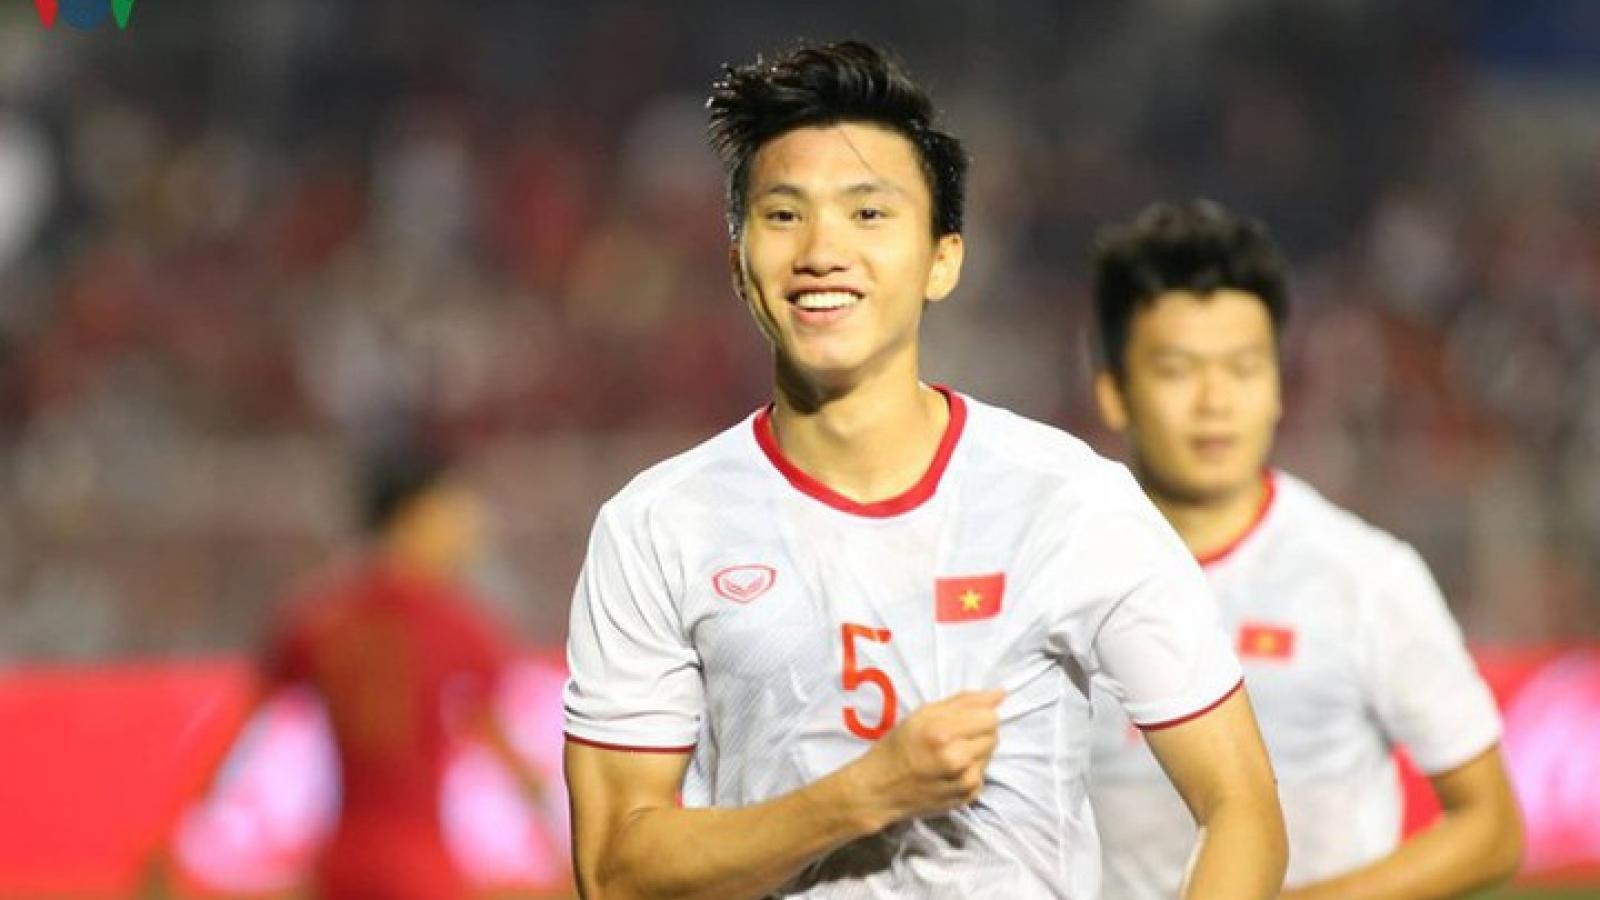 Đoàn Văn Hậu góp mặt trong danh sách bình chọn hậu vệ hay nhất châu Á